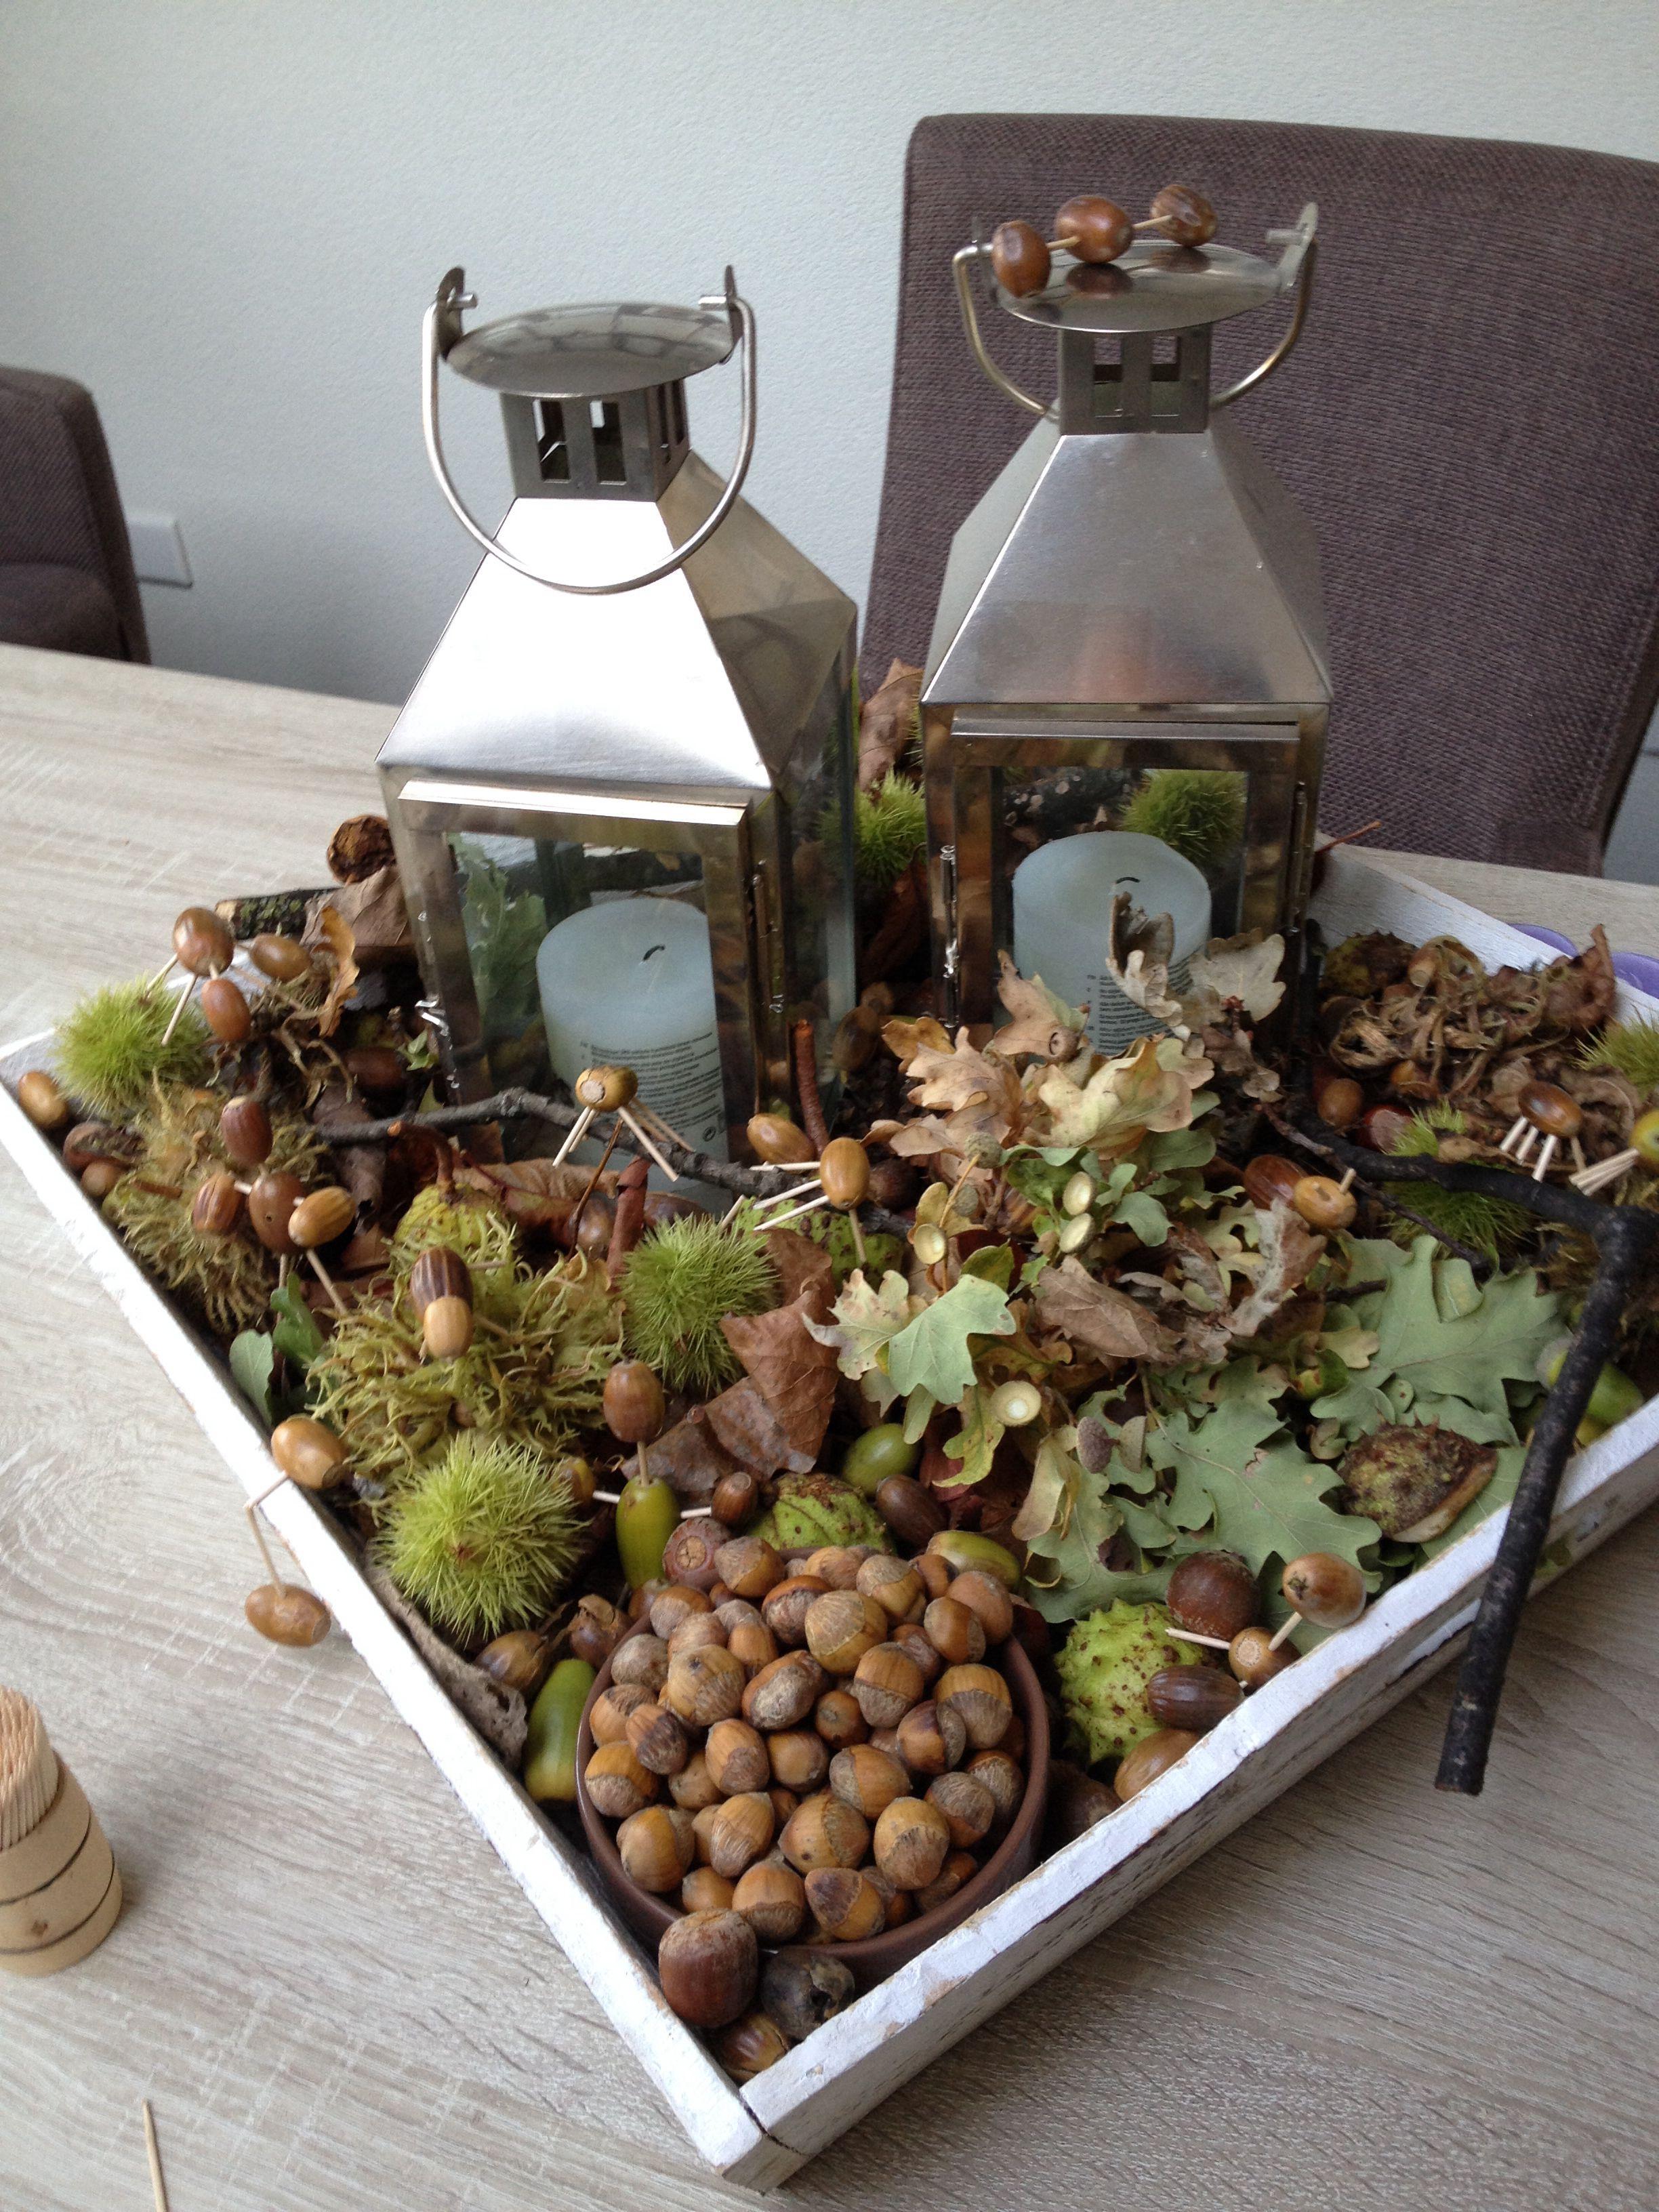 herbst deko f r zuhause pinterest herbst herbstdeko und deko herbst. Black Bedroom Furniture Sets. Home Design Ideas